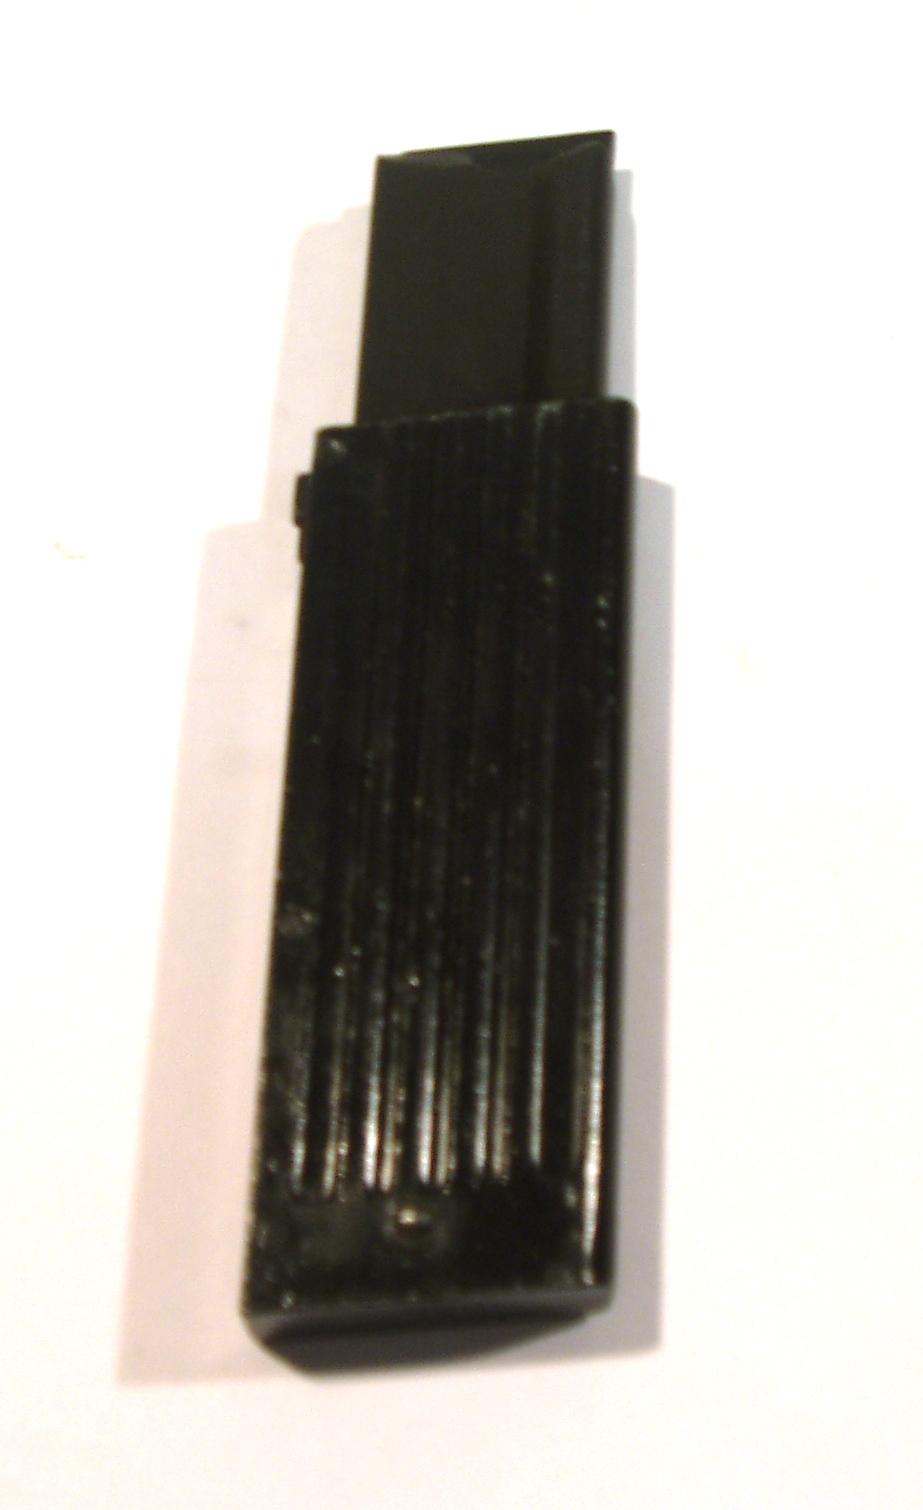 Cargador ERMA, modelo EM1 22, 15 cartuchos-0